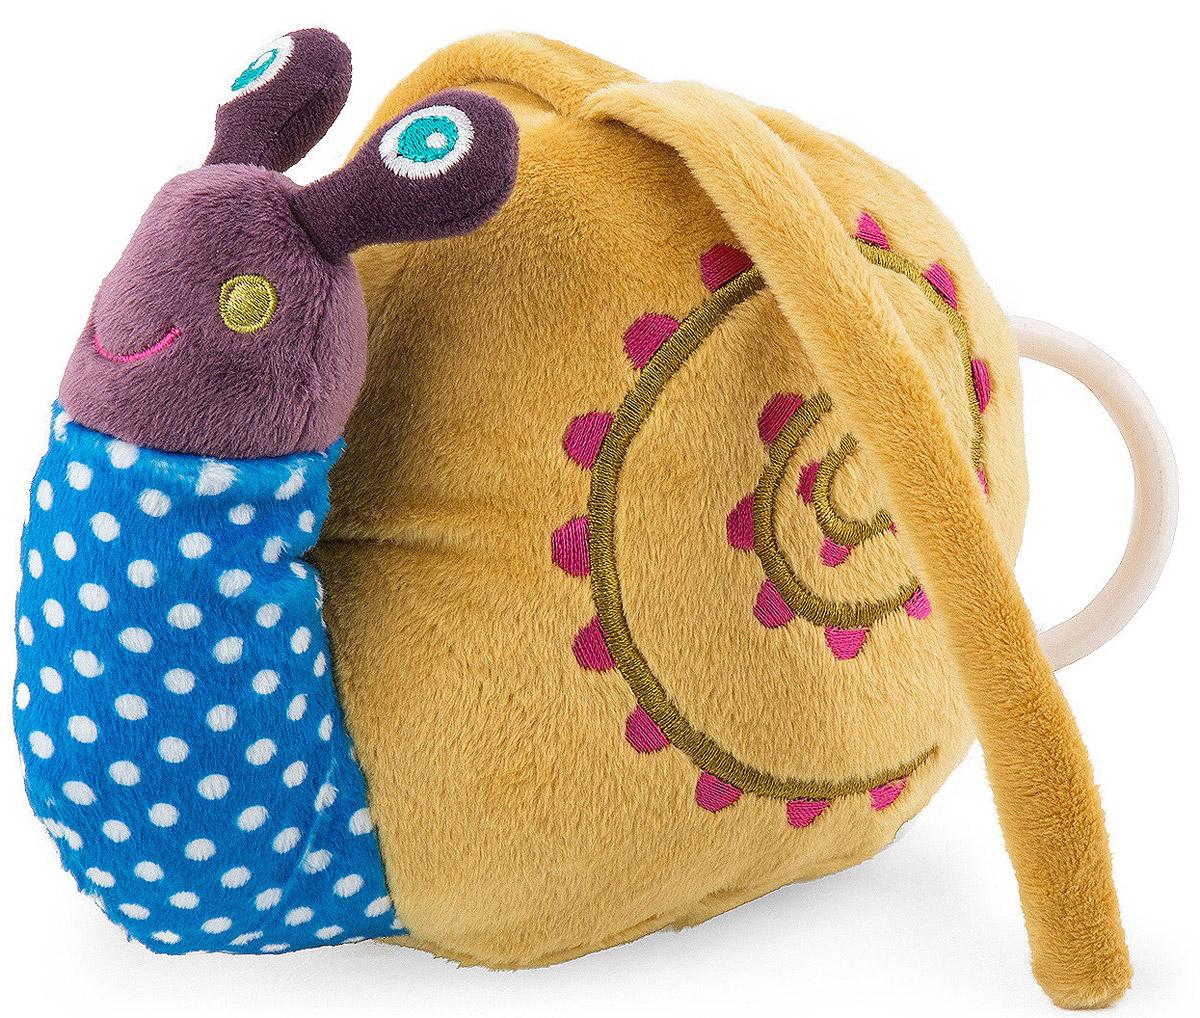 Oops Музыкальная игрушка-подвеска УлиткаO 12002.00_улиткаМузыкальная игрушка-подвеска Oops Улитка изготовлена из мягкого и приятного на ощупь текстиля различных цветов. Если вы потяните за пластиковое кольцо, то малыш услышит негромкую успокаивающую мелодию, которая заменит наскучившие колыбельные и поможет ему заснуть. Игрушка-подвеска крепится к кровати с помощью двух текстильных веревочек. Игрушка-подвеска Oops Улитка развивает слух, моторику, зрительно-цветовое восприятие и обладает релаксирующим воздействием.